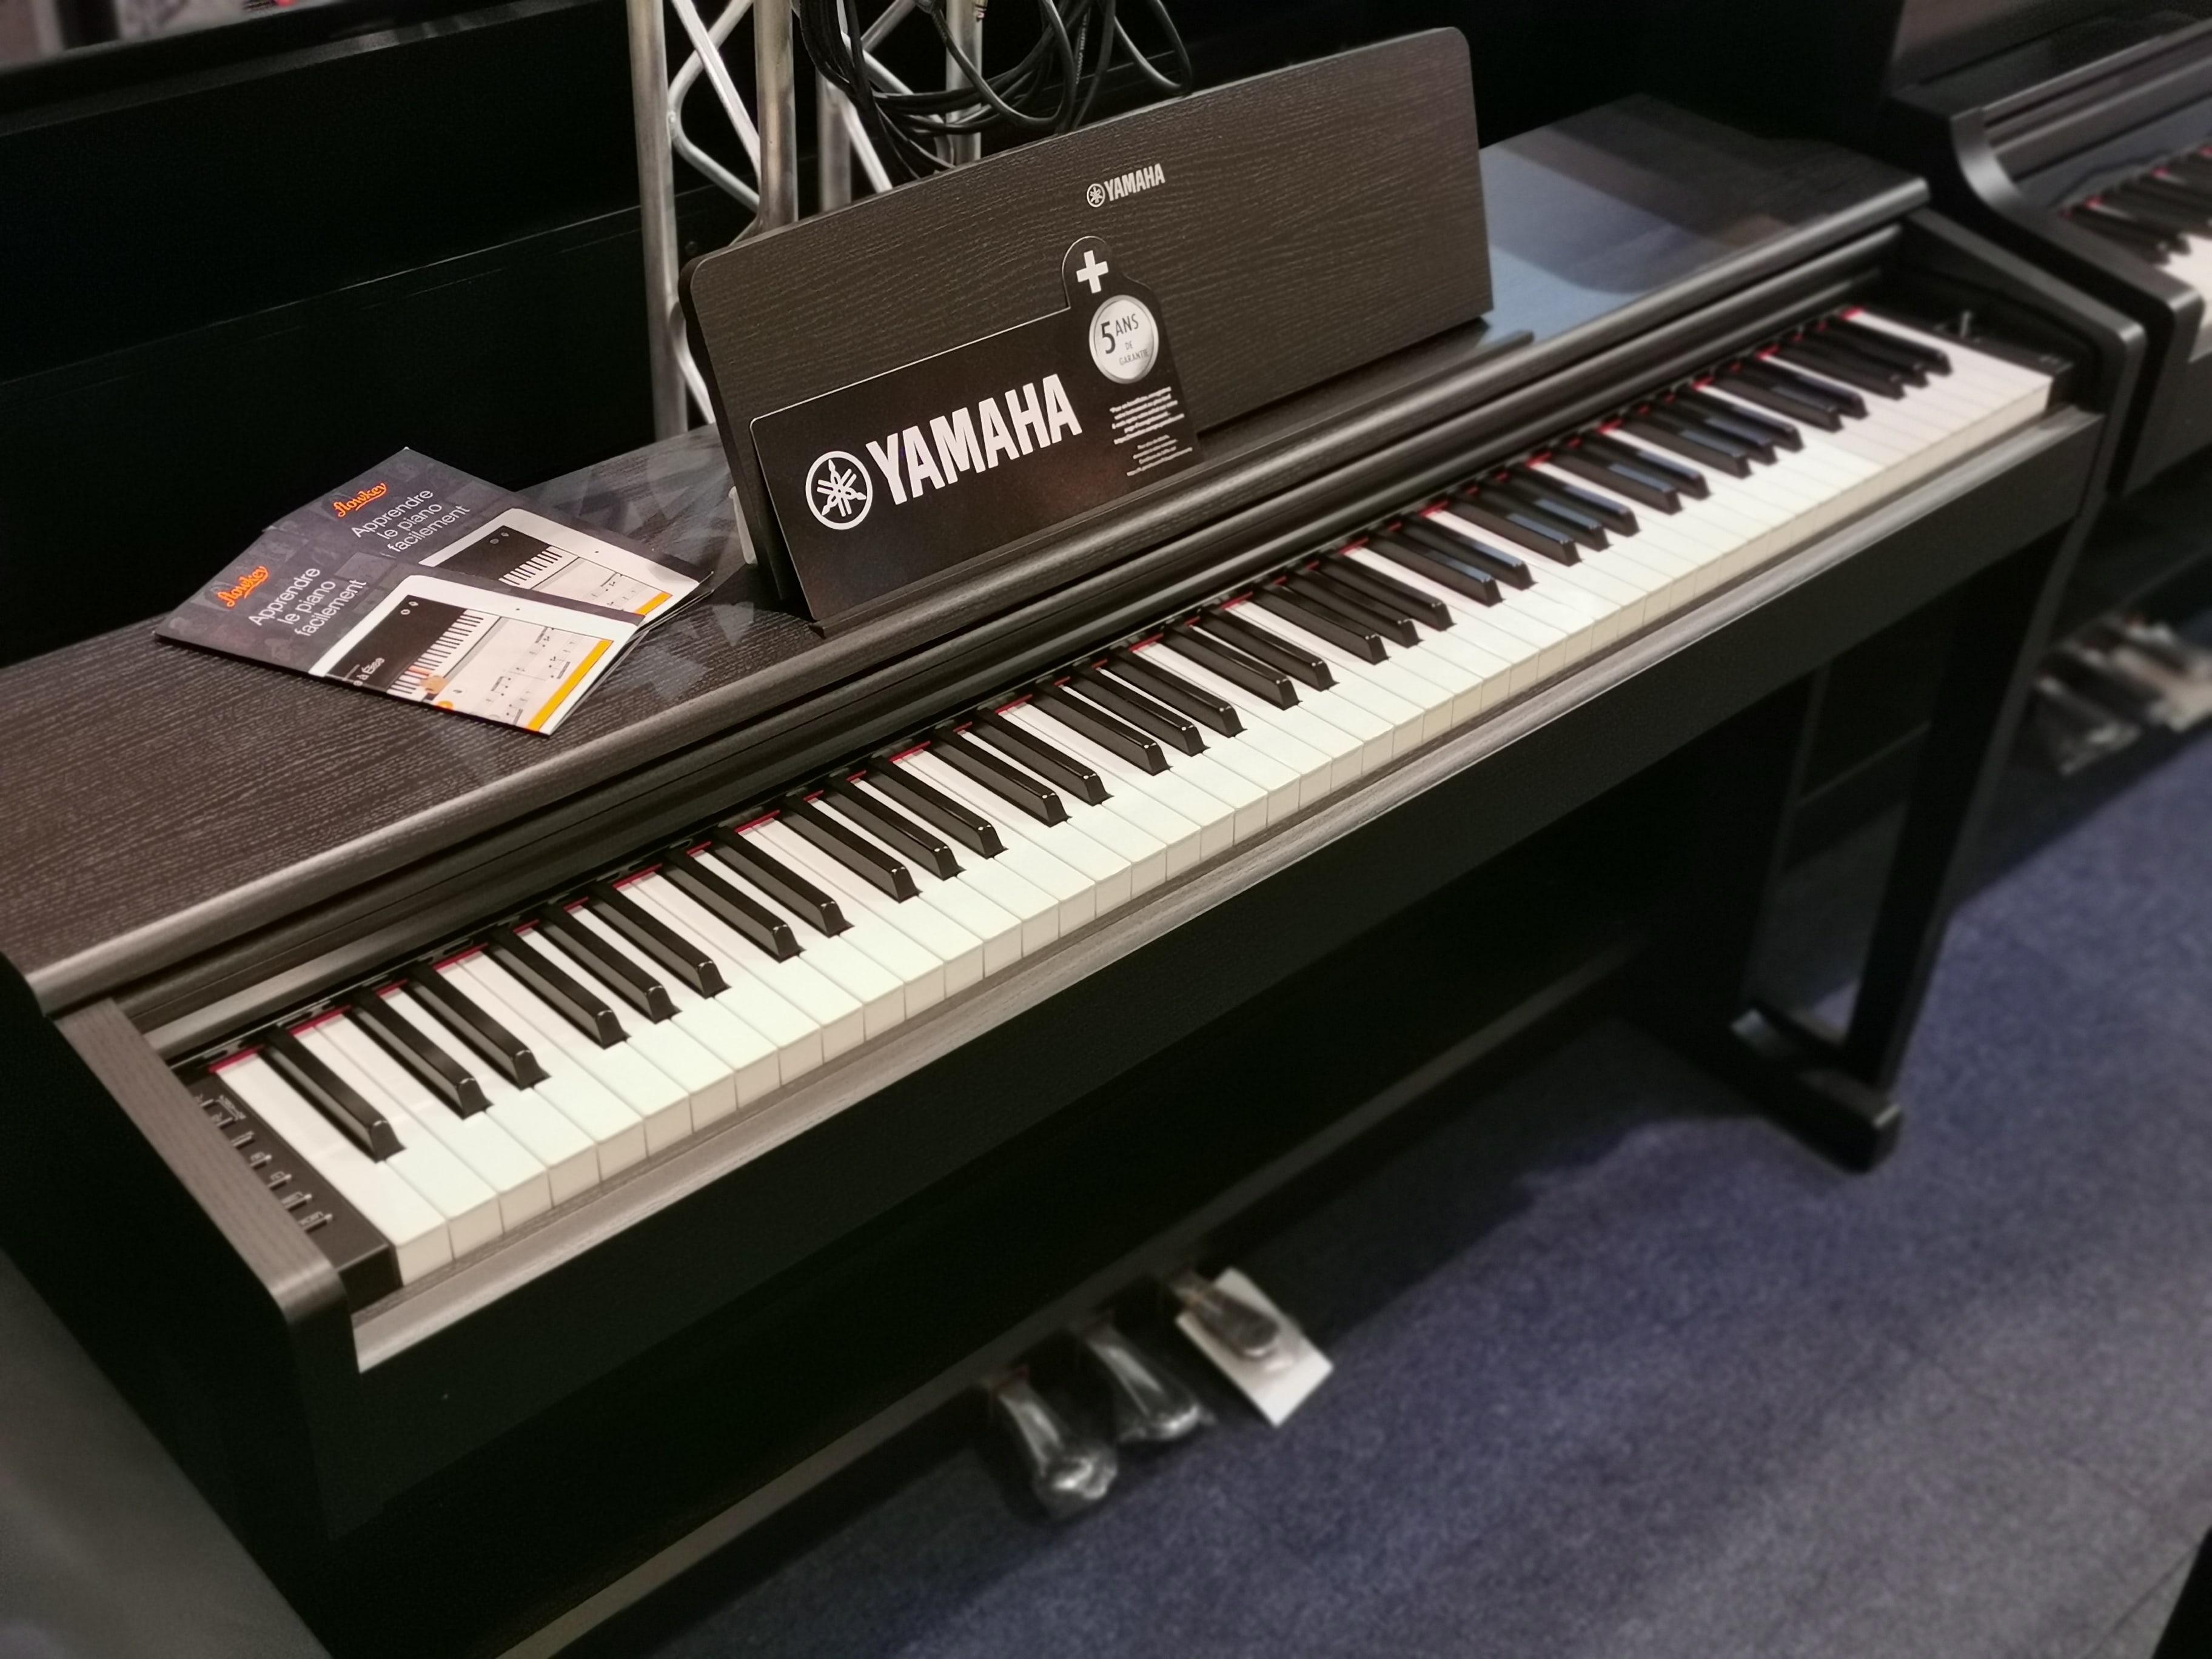 Yamaha YDP 144